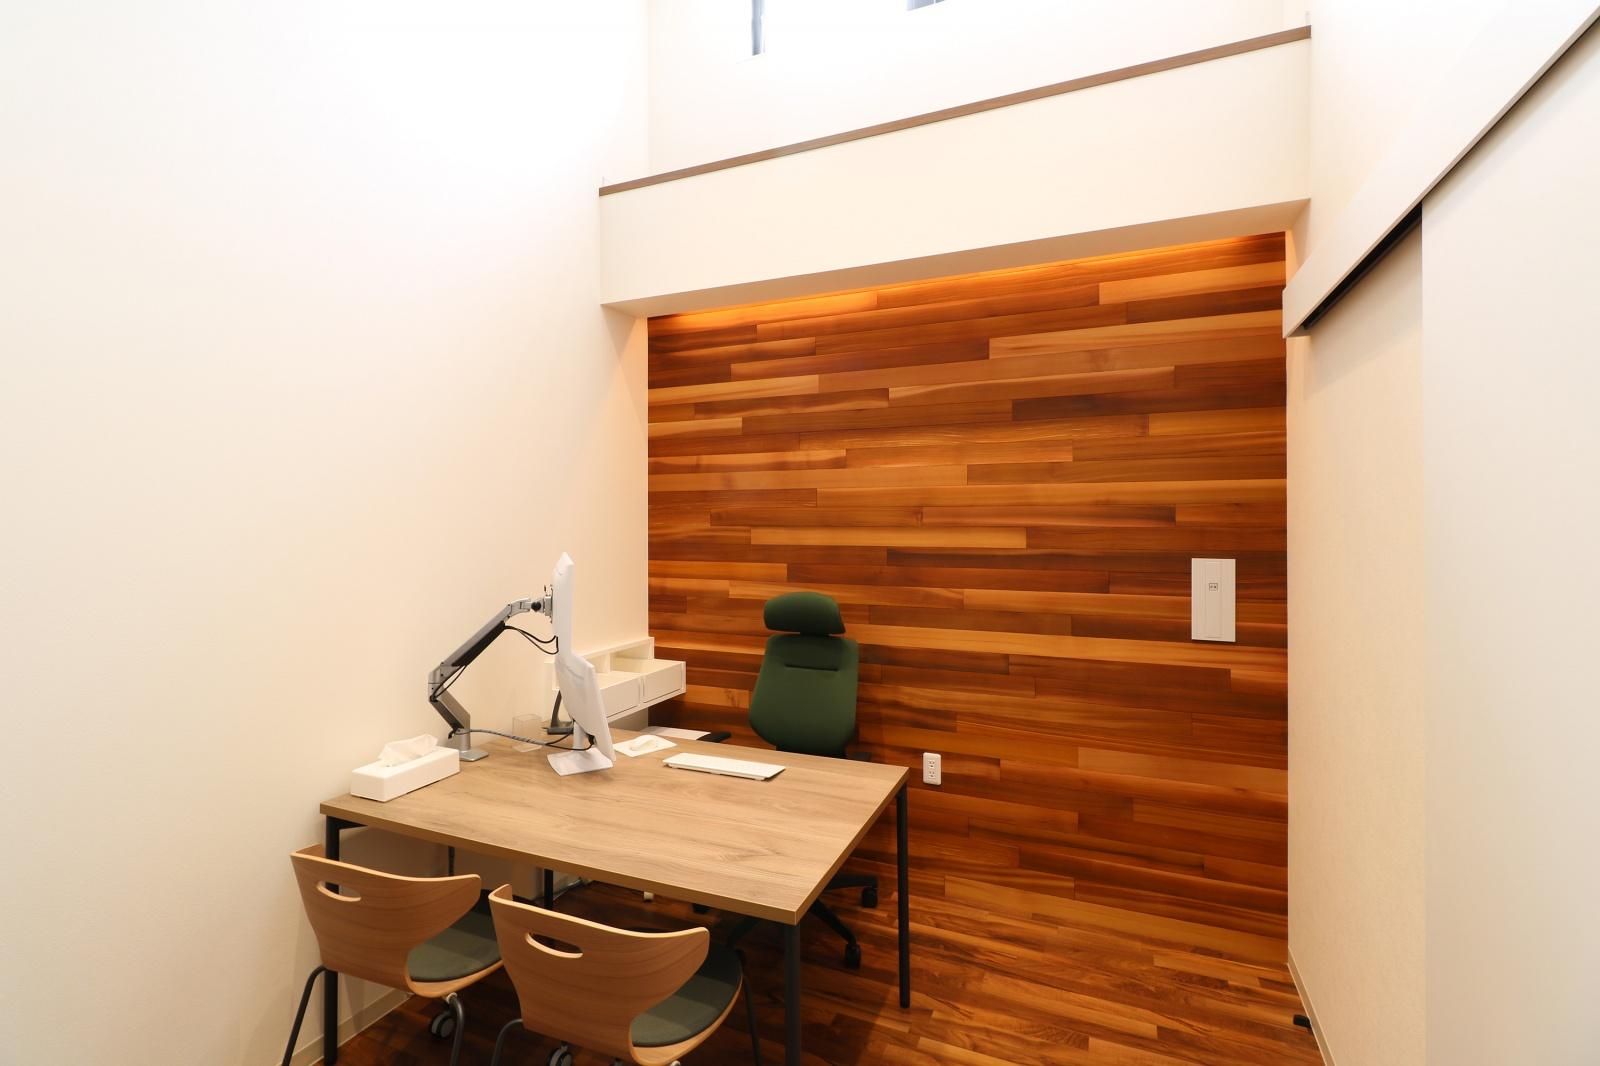 天井を高く設定した診察室